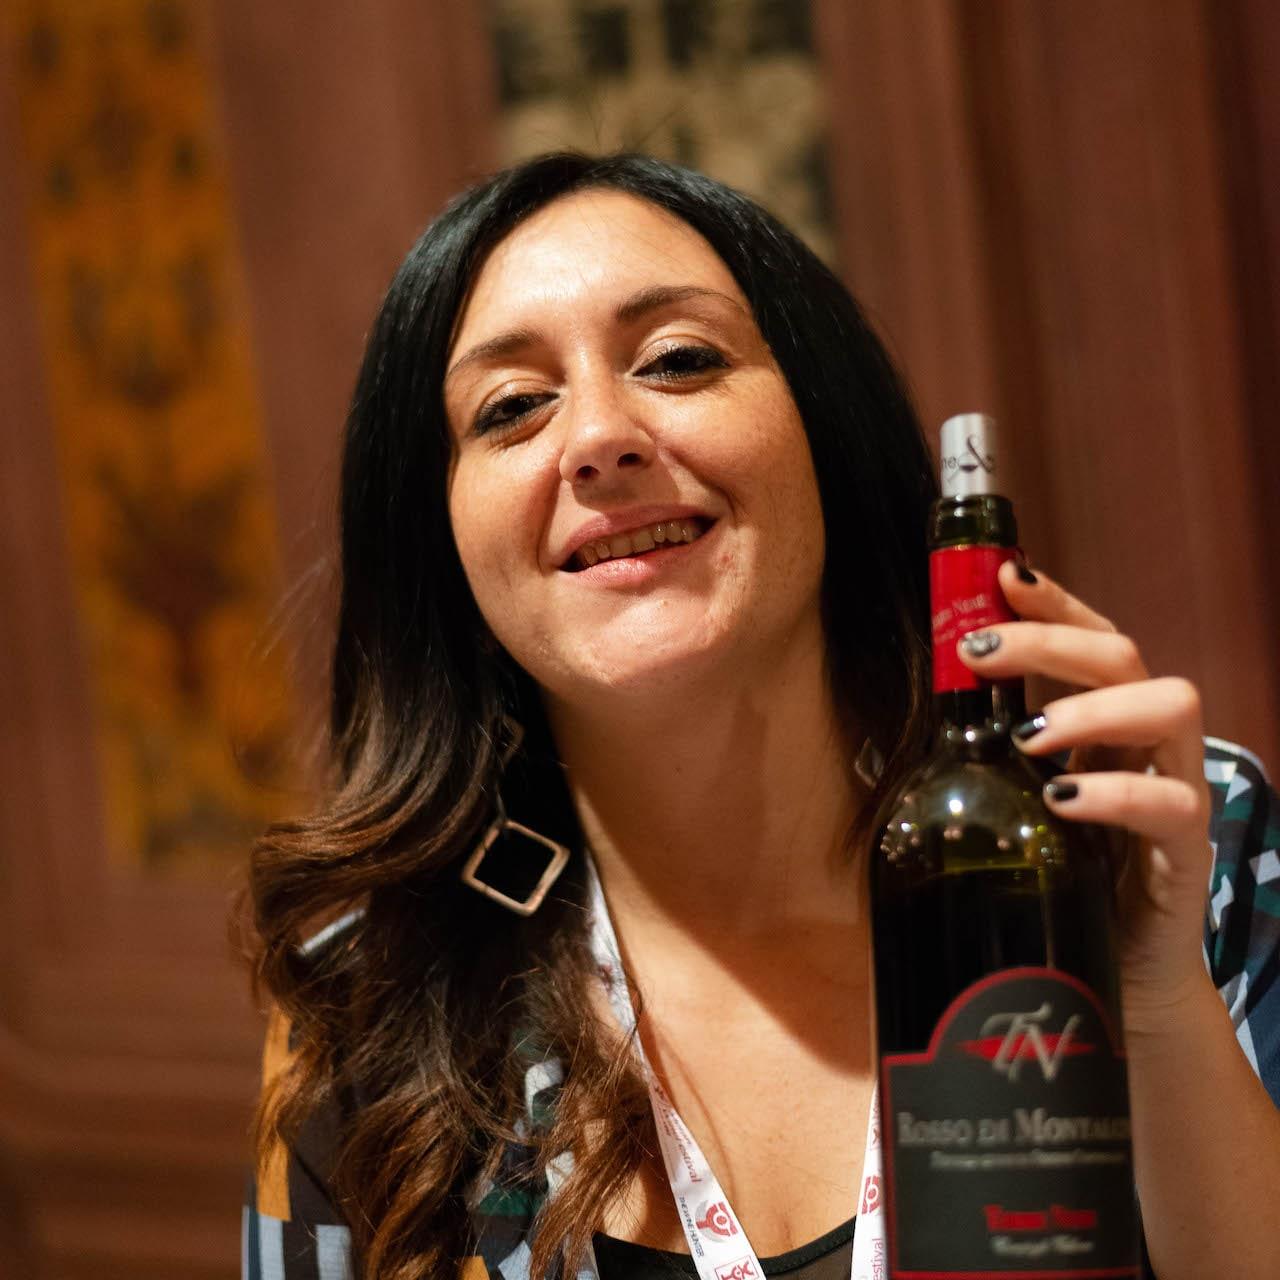 Francesca Vallone e il suo Brunello Terre Nere a Wine&siena 2019